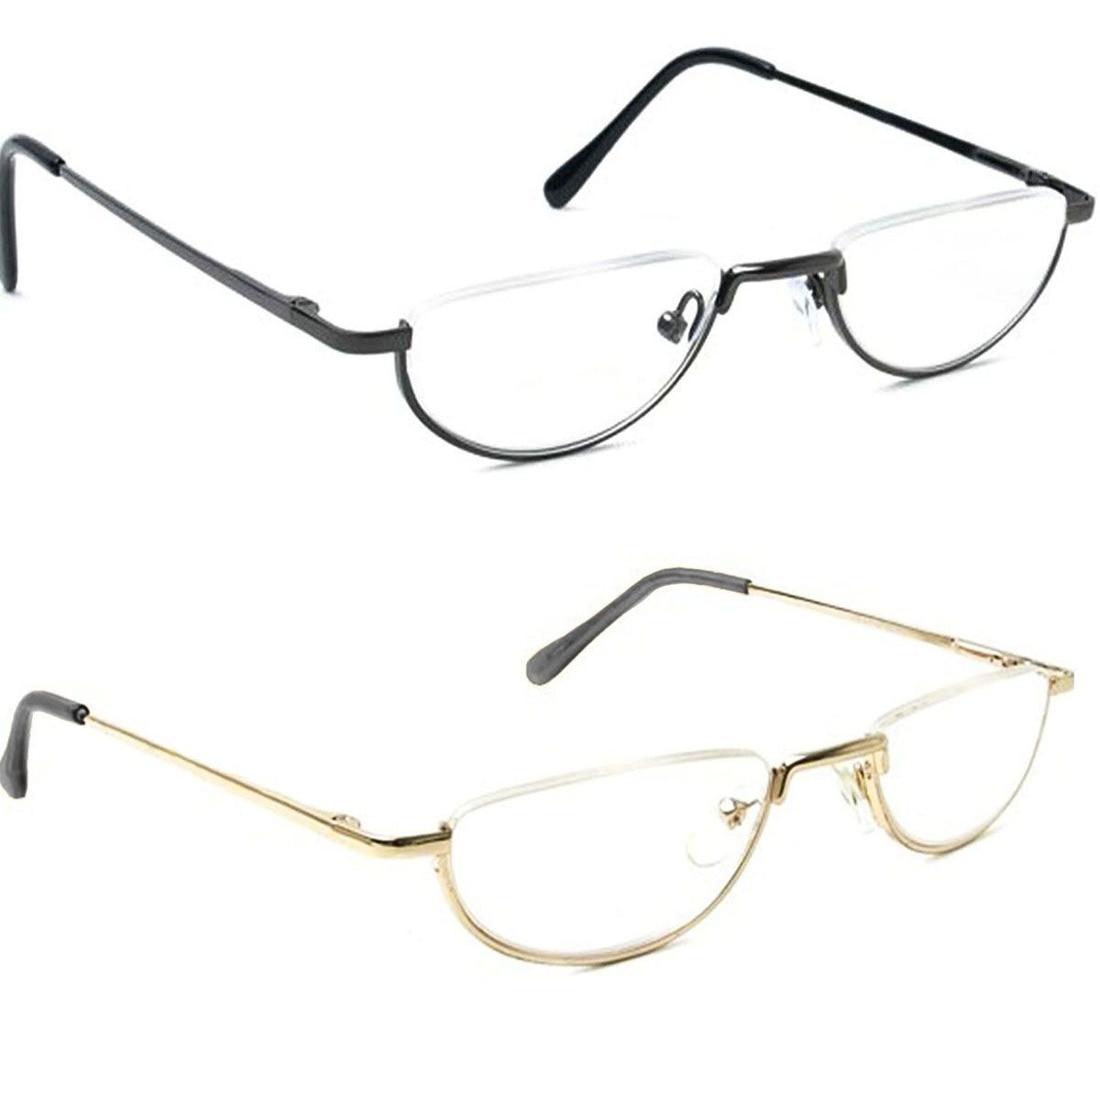 d2c49ed4bfb67 Agstum Meia Lua Dobradiça de Mola Óculos Das Mulheres Dos Homens Do Vintage  Óculos de Leitura